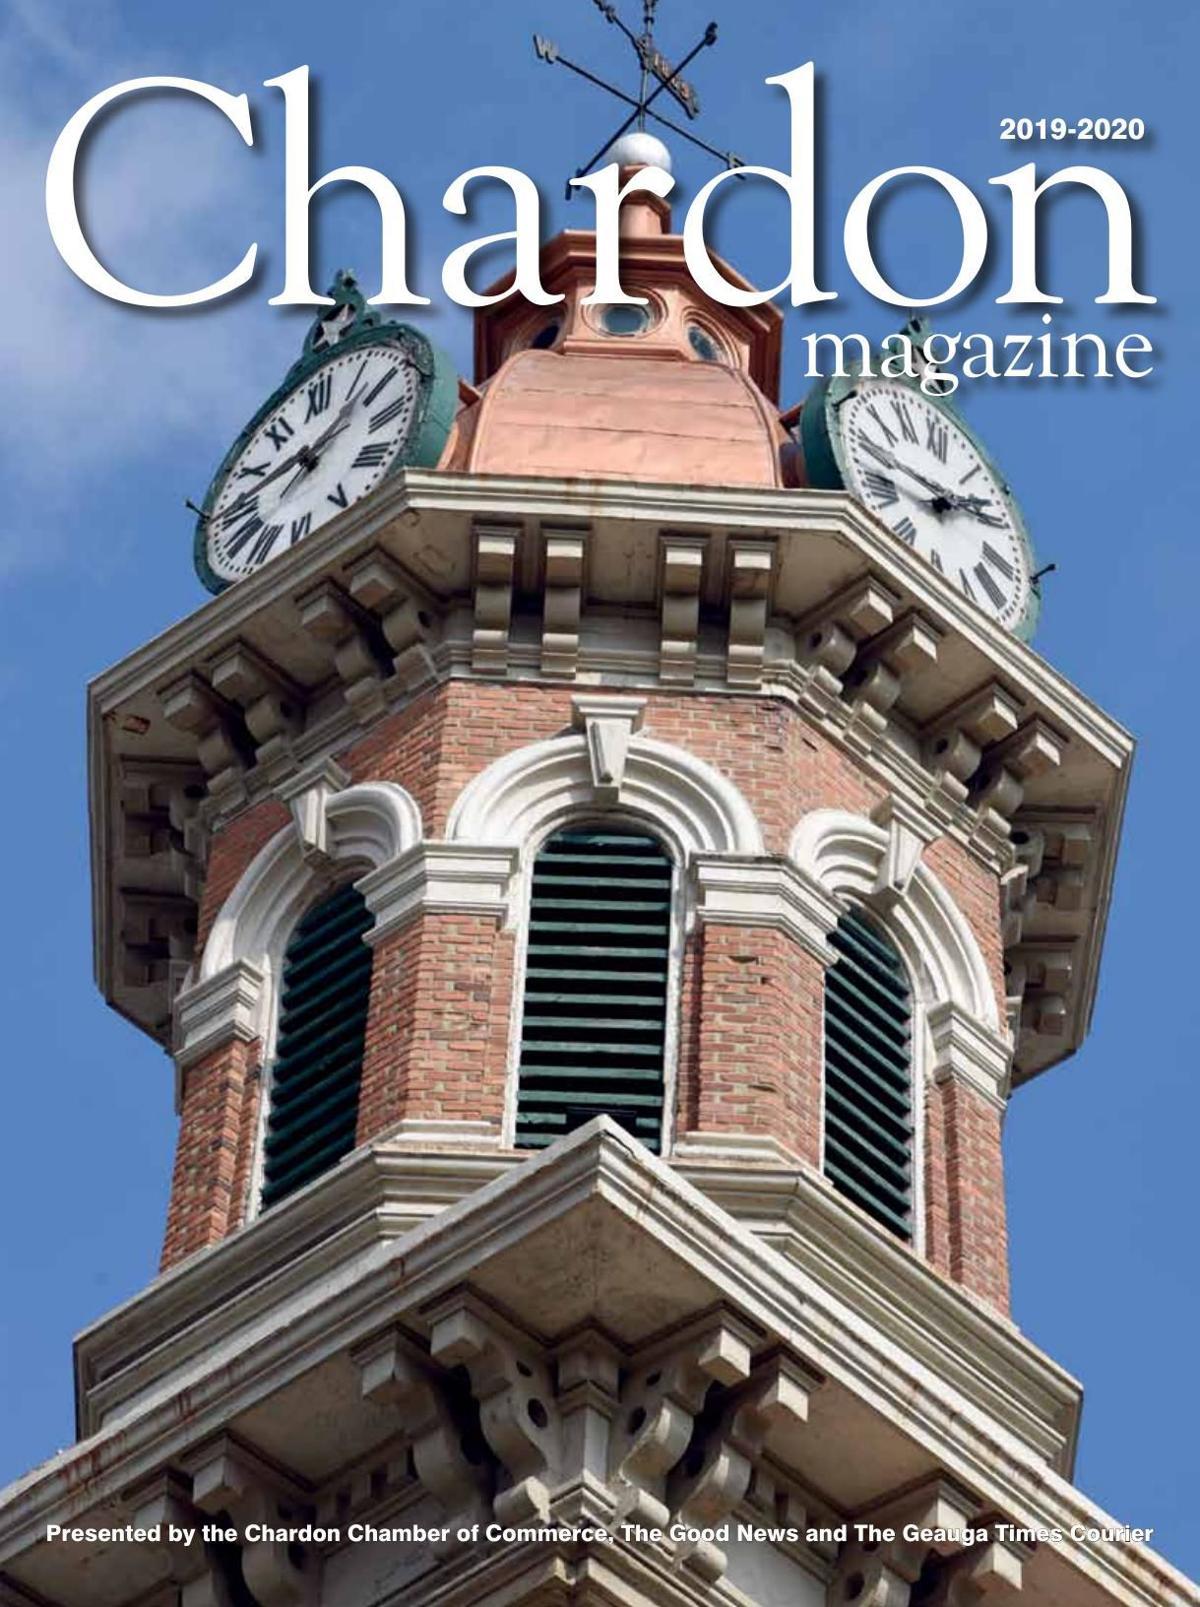 Chardon Magazine 2019-2020